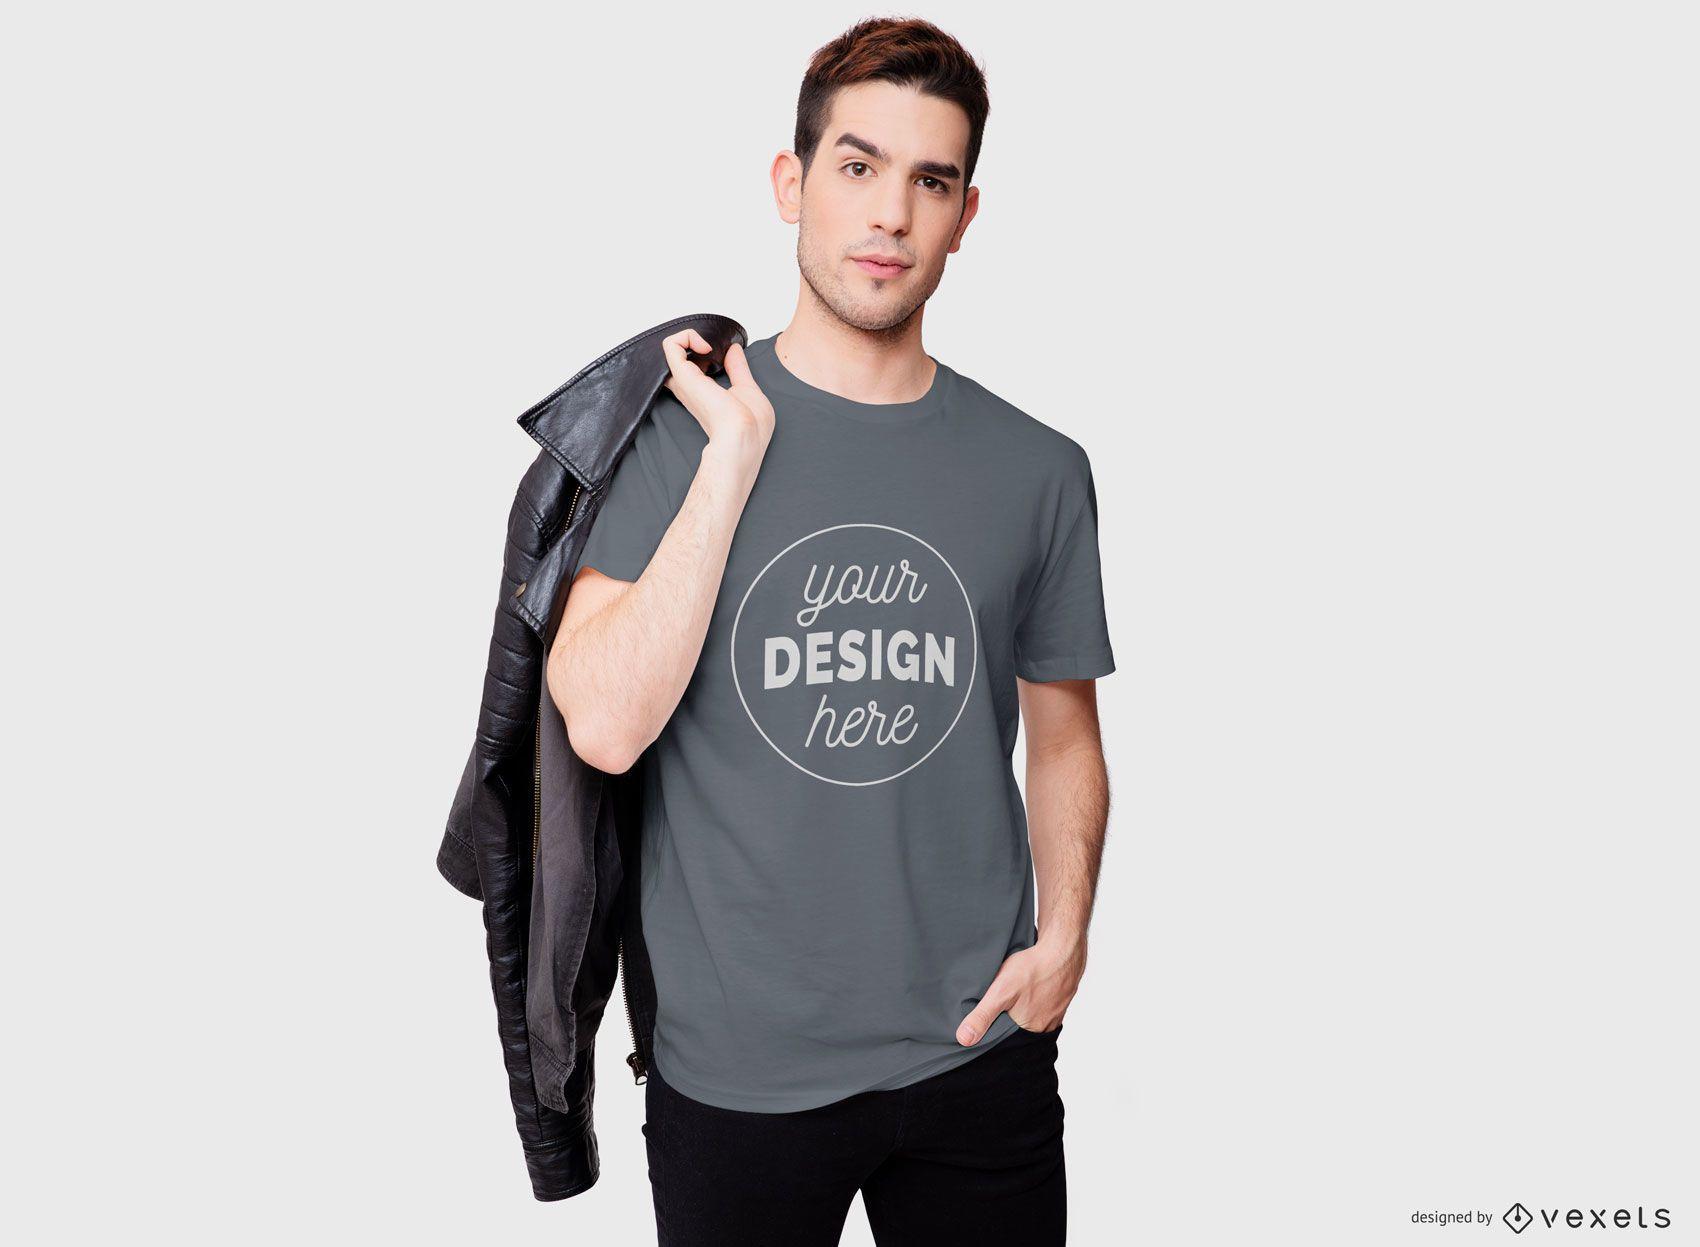 Dise?o de camiseta Cool Man